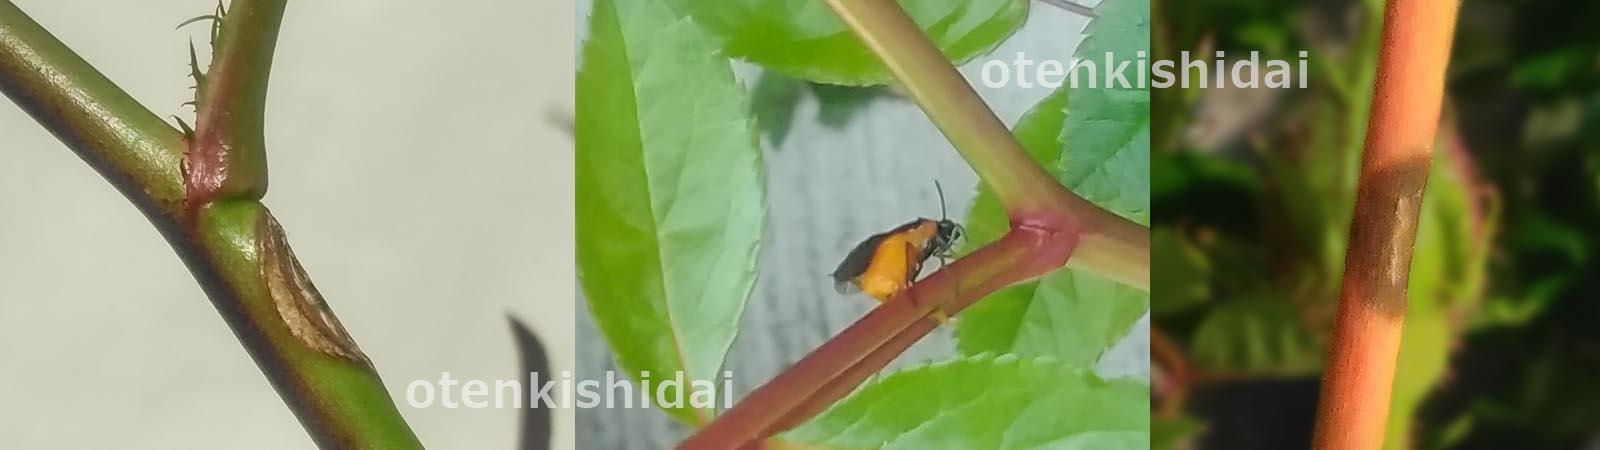 ハバチの産卵痕と孵化痕